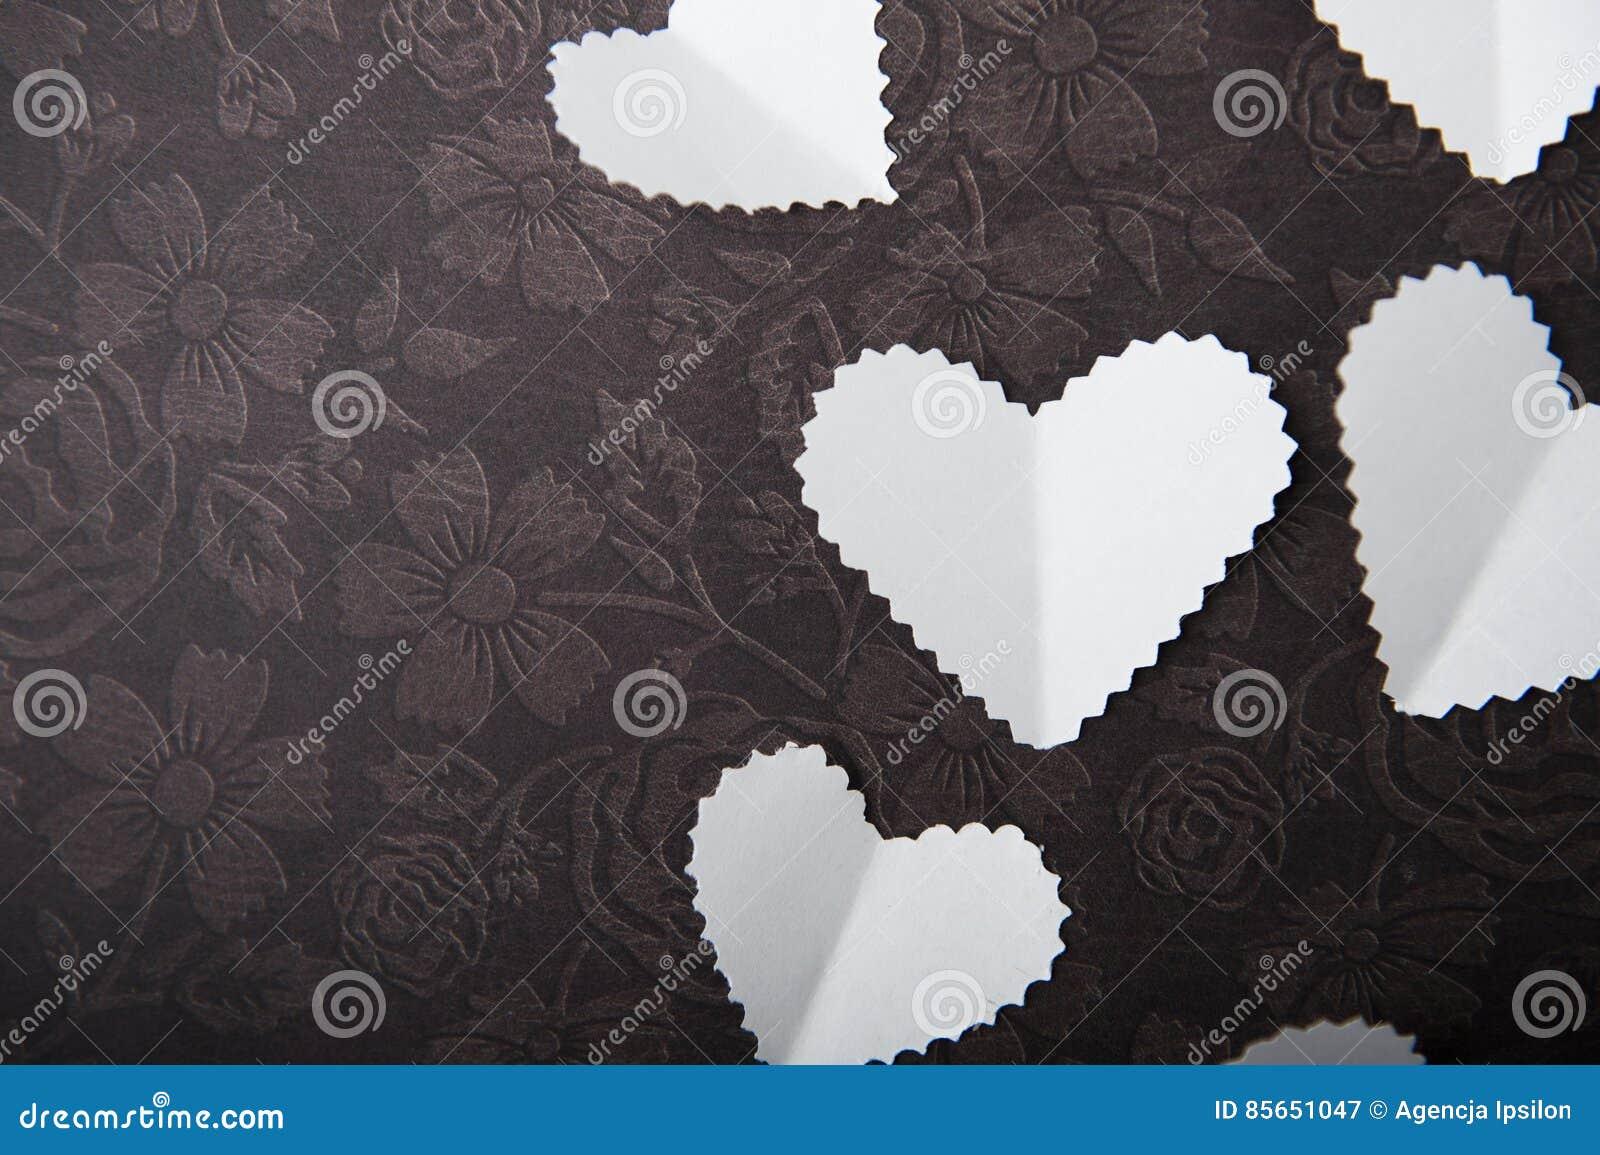 Valentine, wit hart op een chocoladeachtergrond, Ruimte, een plaats om de woorden in te gaan